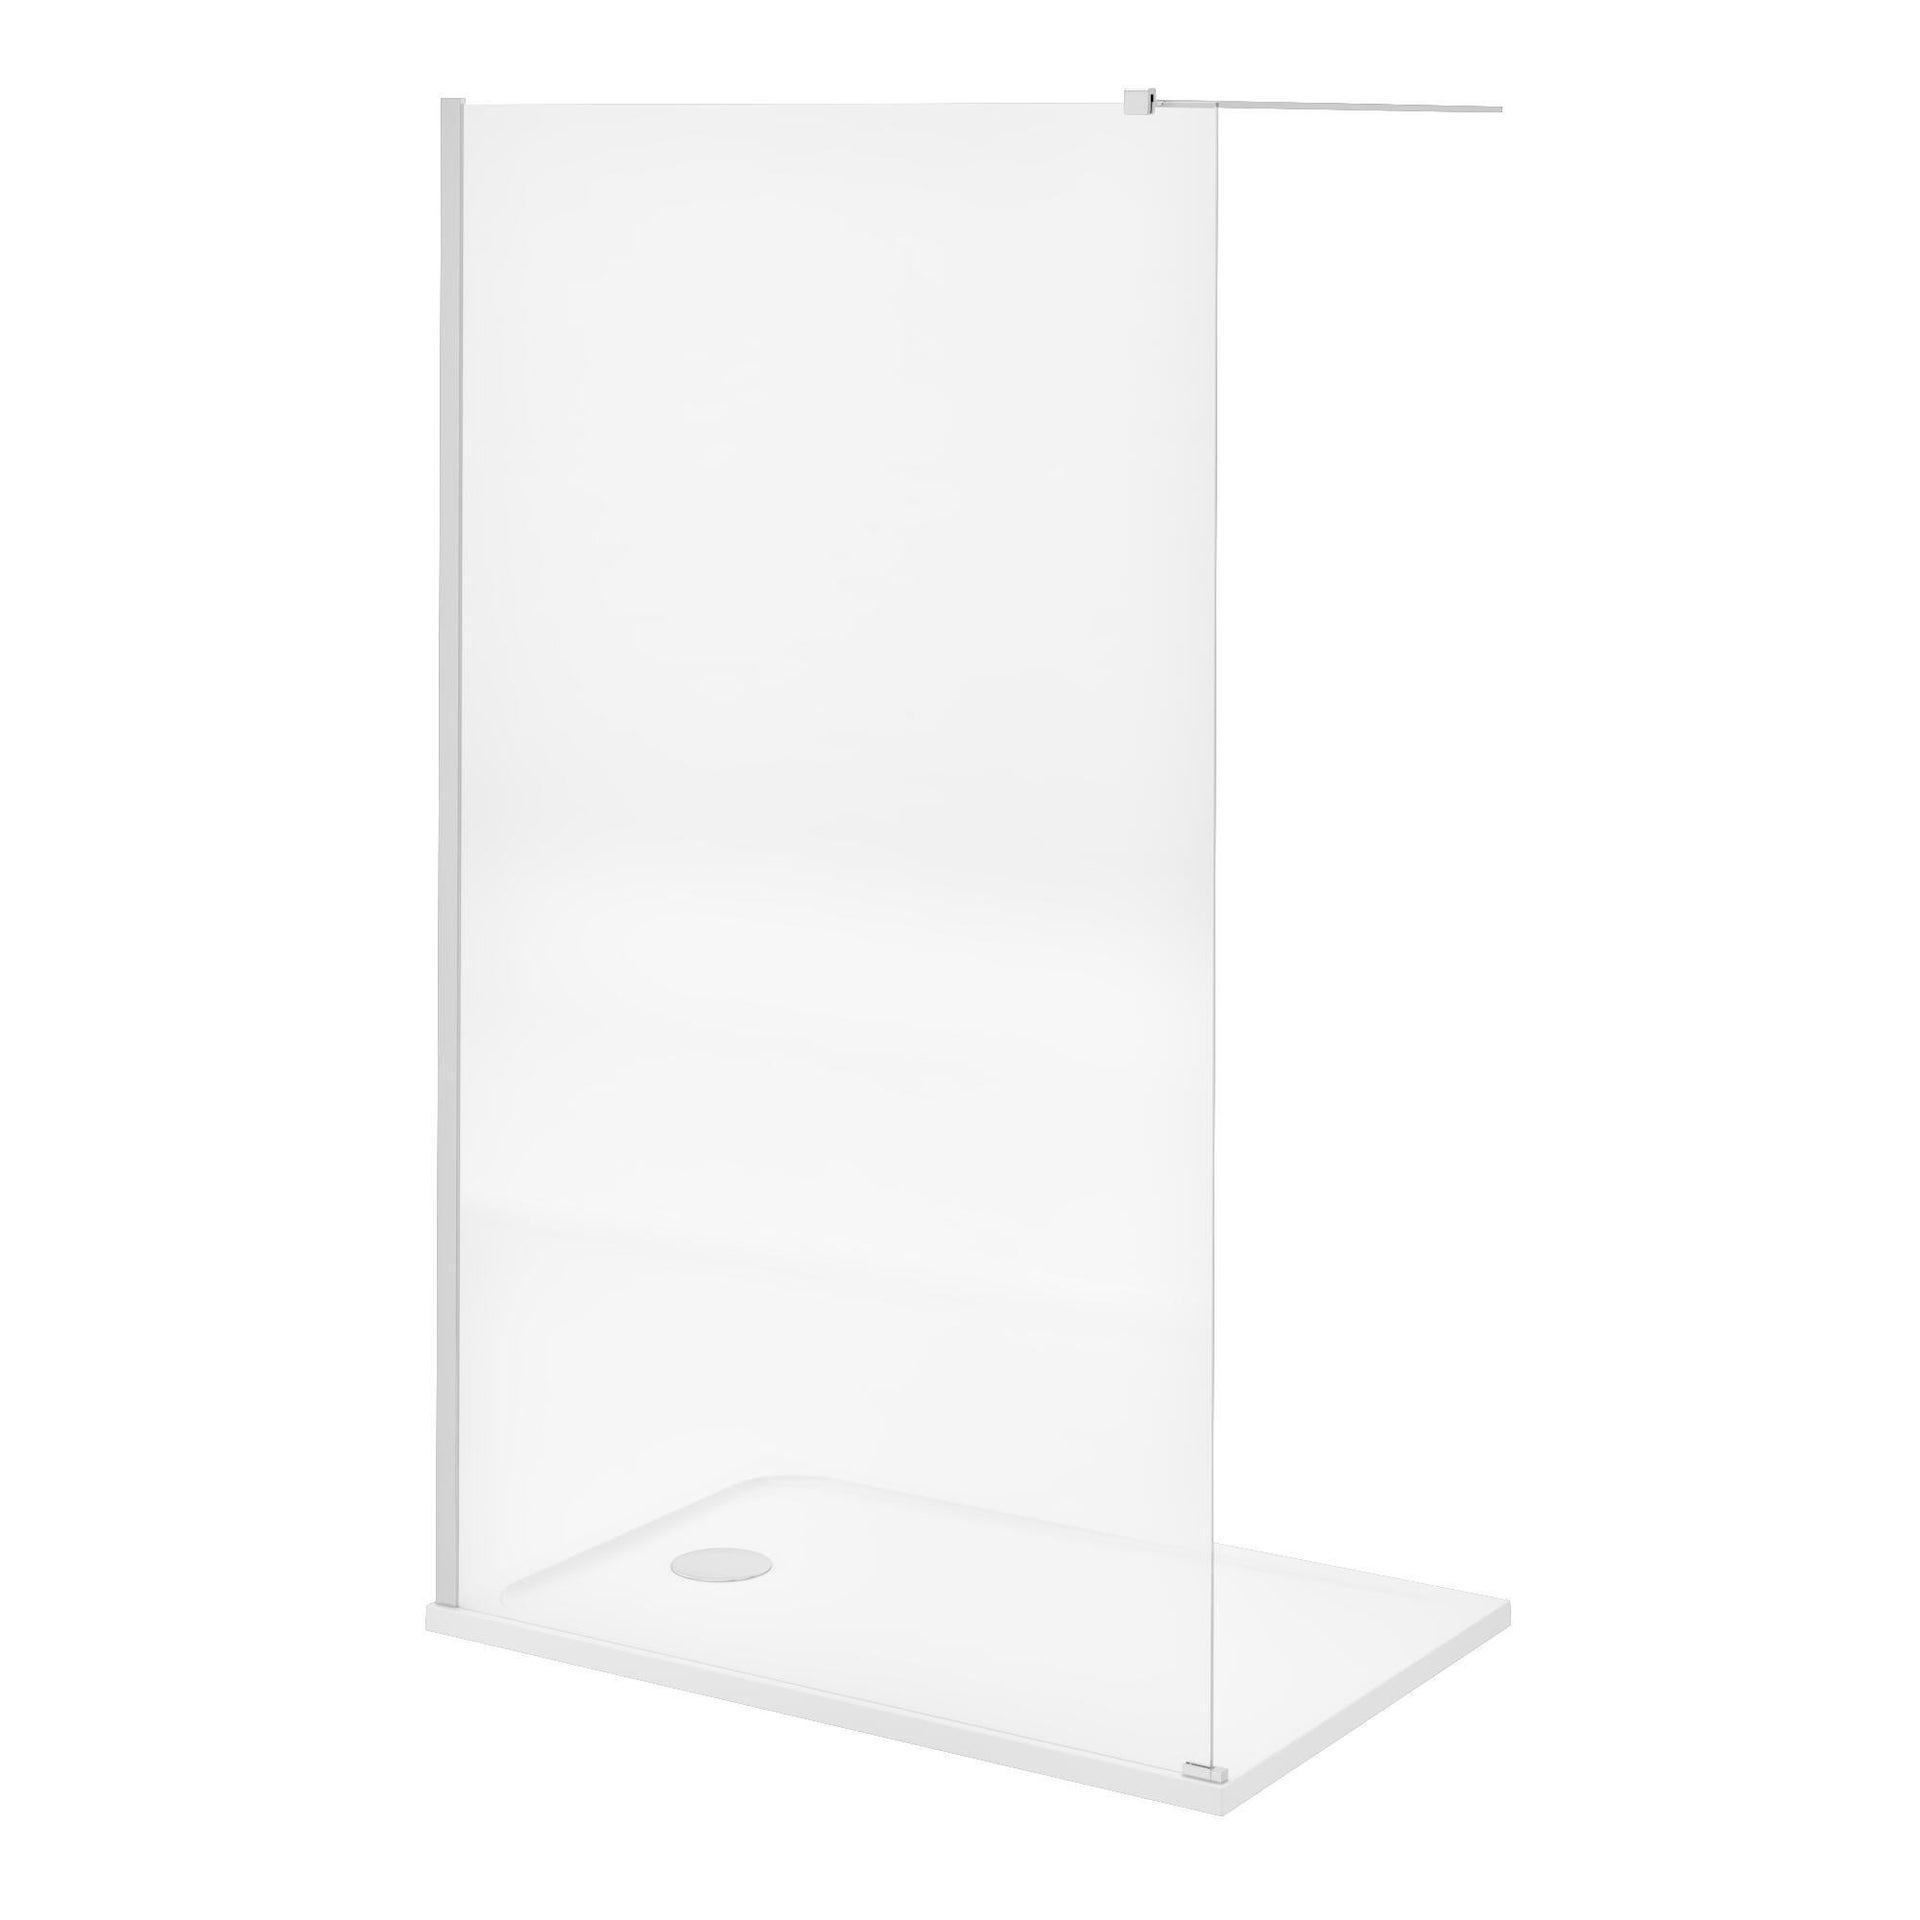 Piatto doccia resina sintetica e polvere di marmo Easy 80 x 120 cm bianco - 11